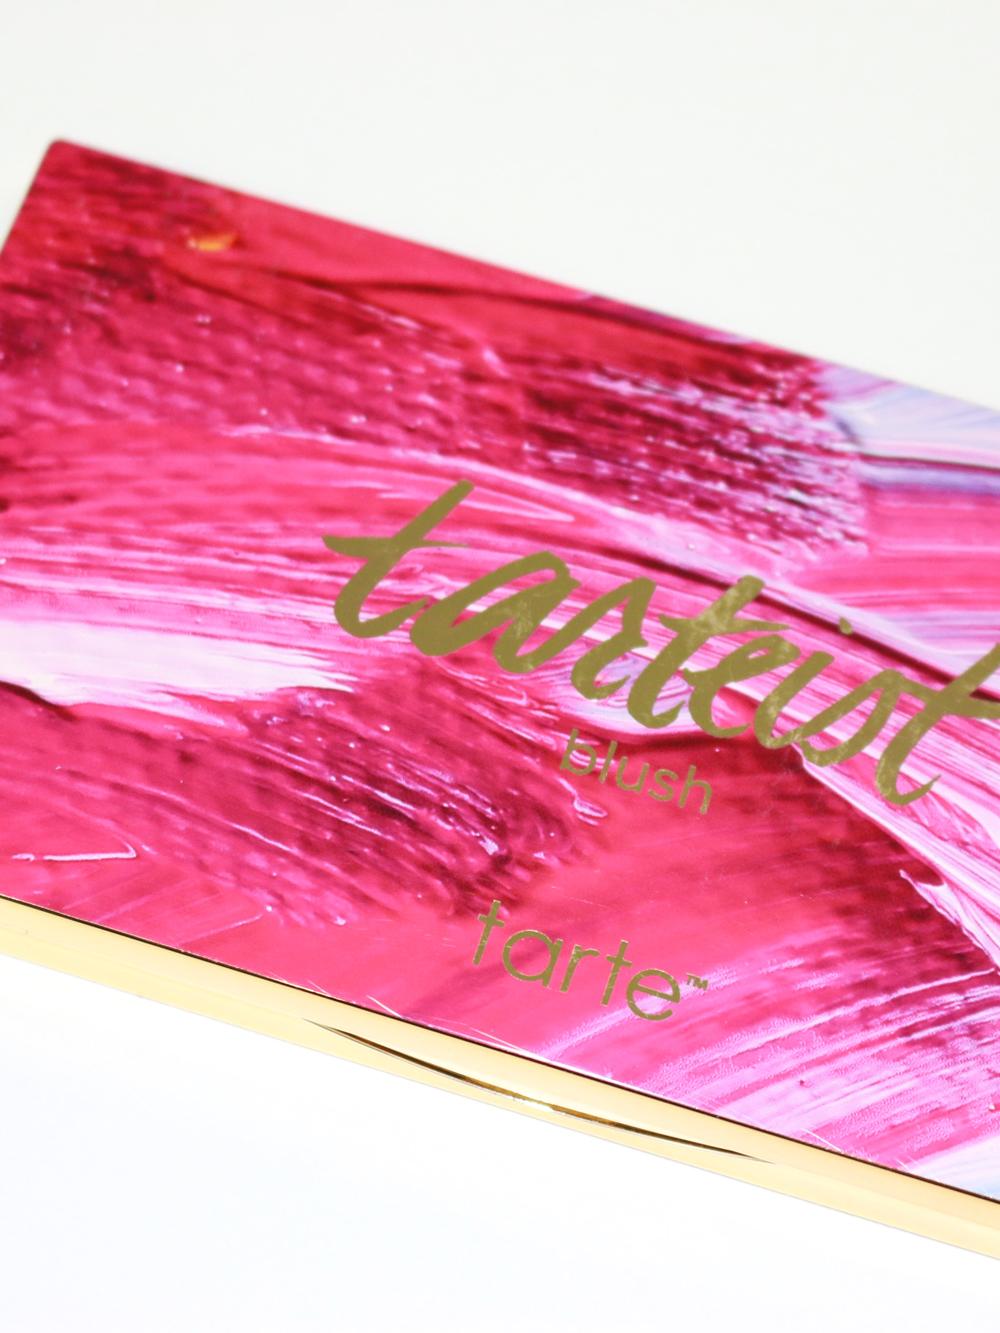 tarteist-blushpalette-0